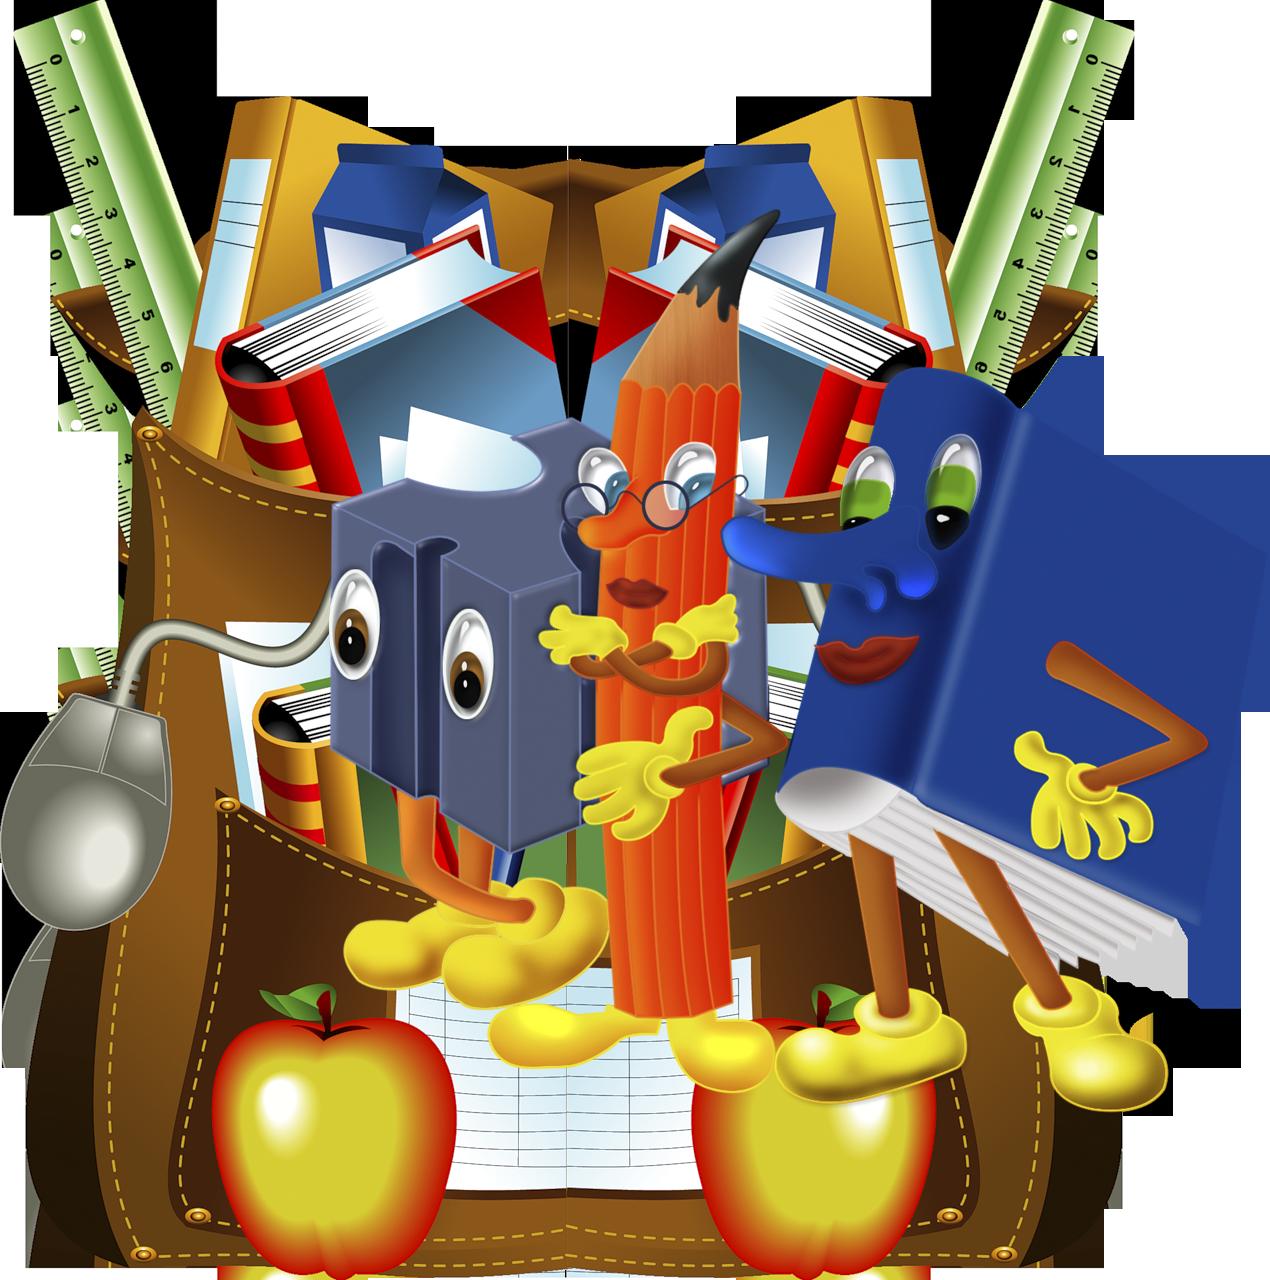 Картинки школьной тематики анимация